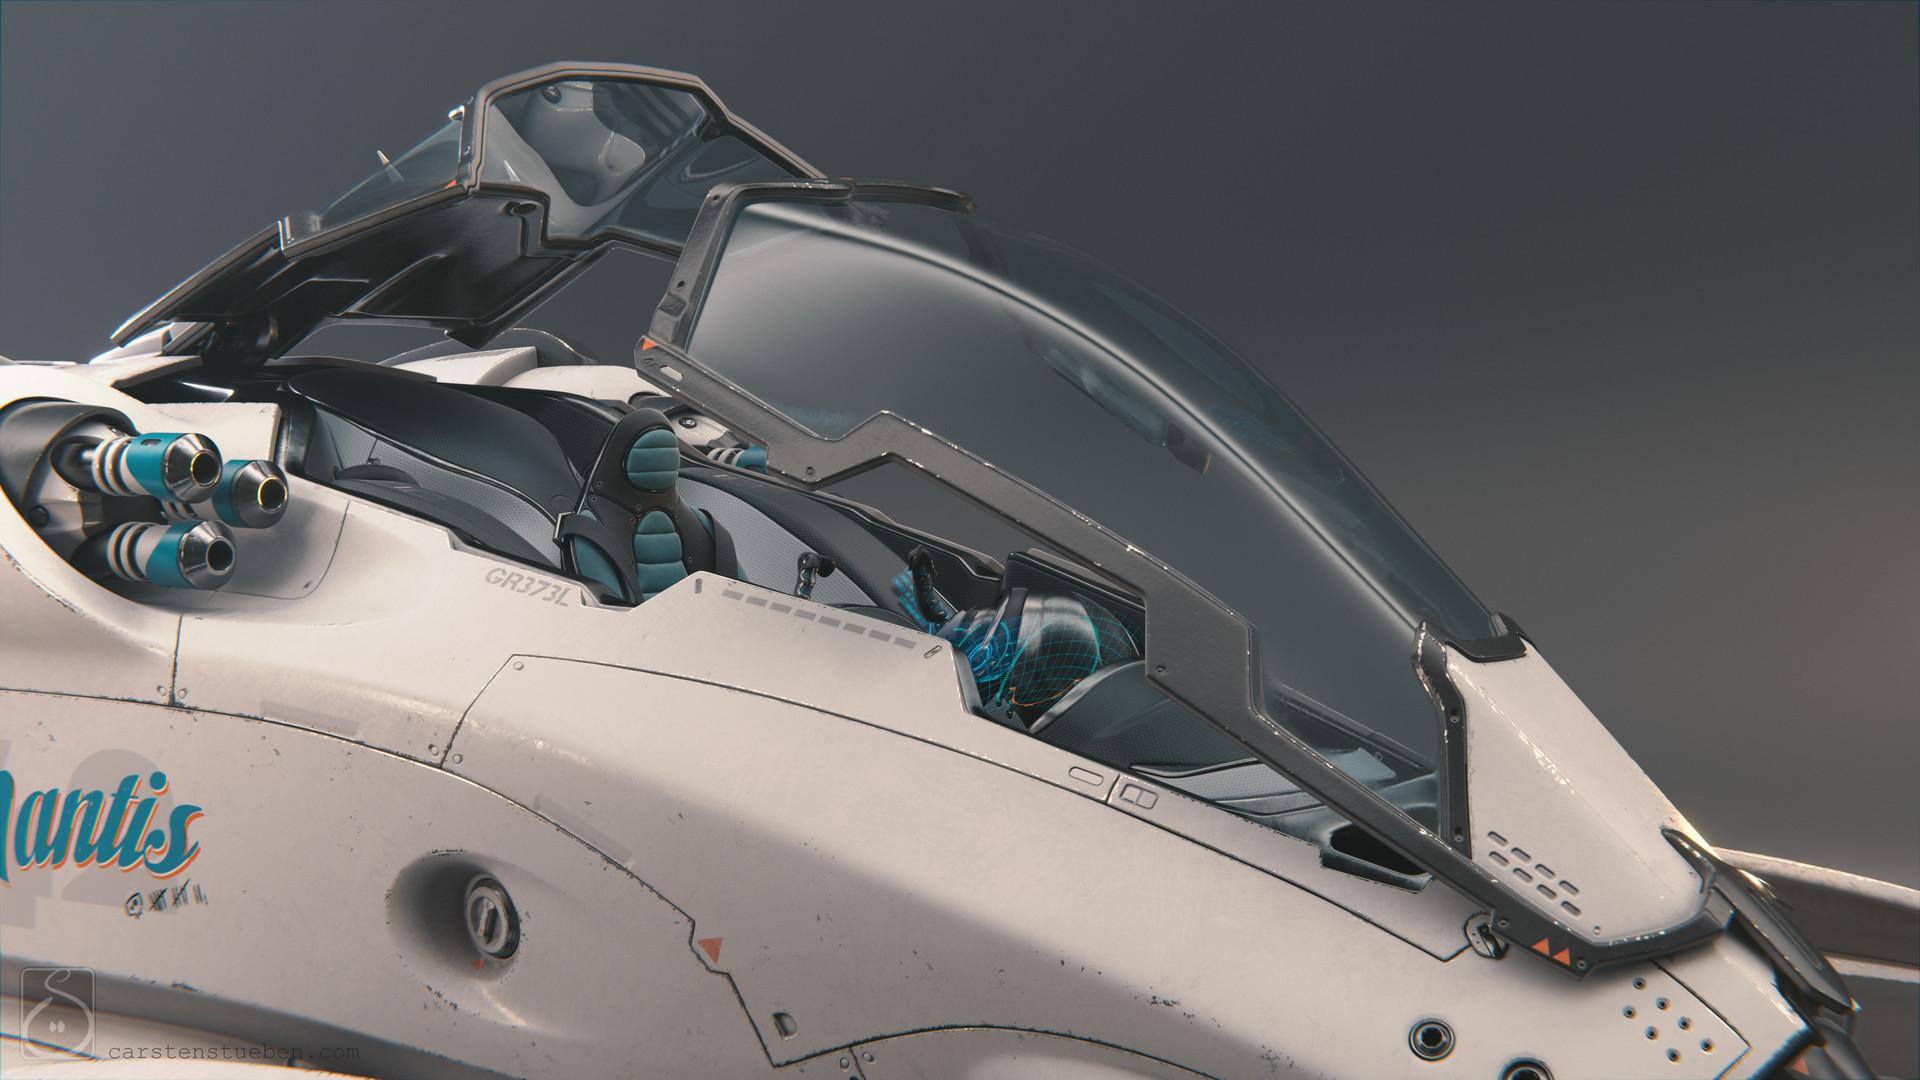 Carsten stueben thrust mantis42 cockpit01